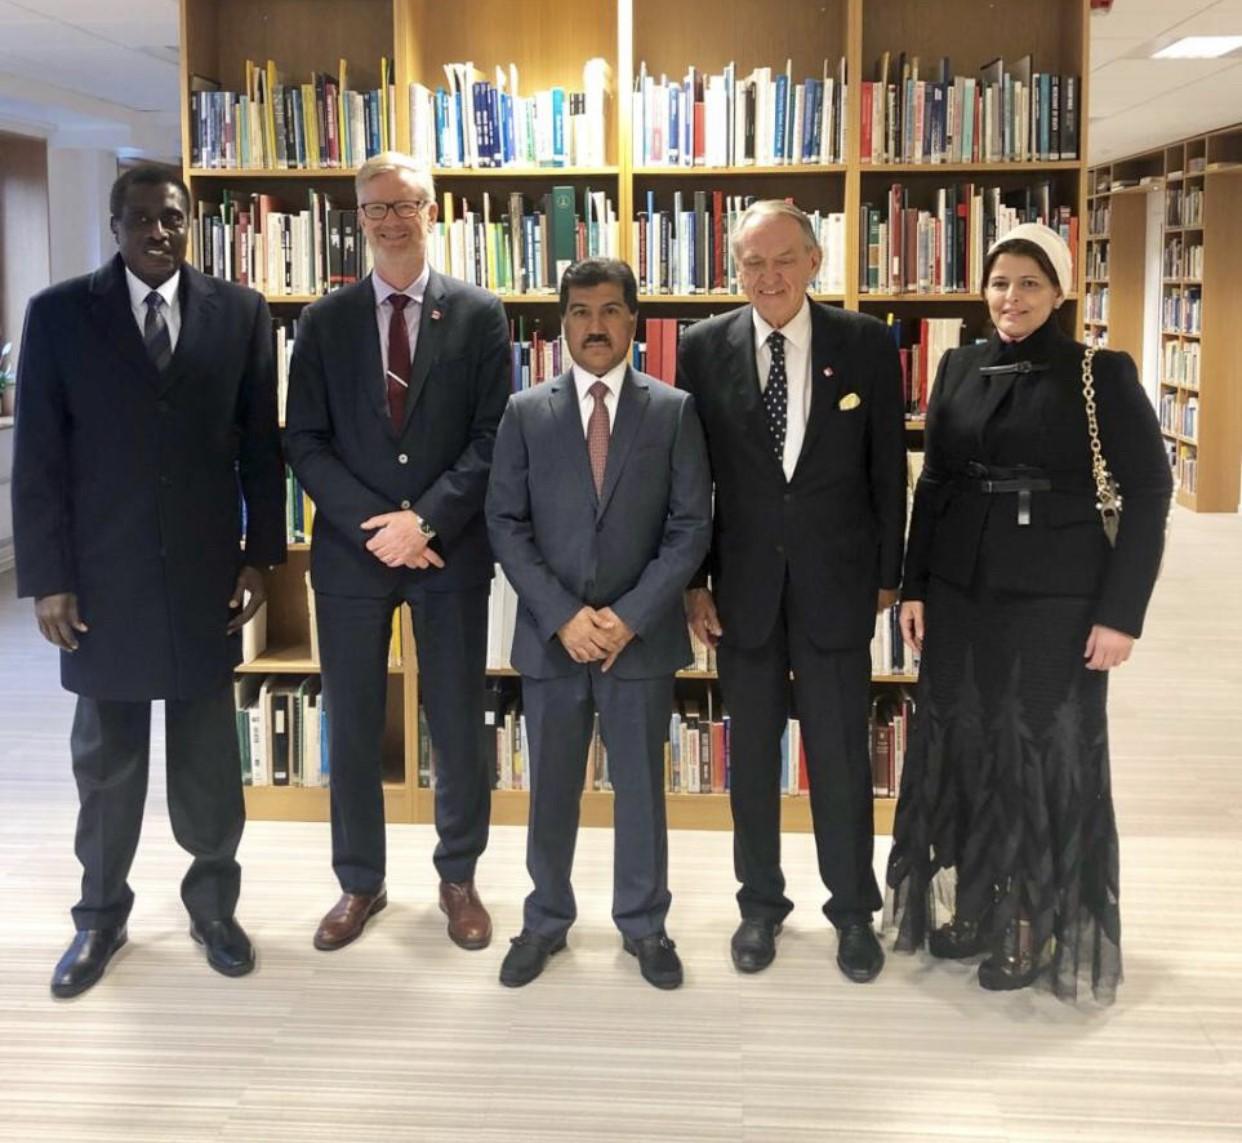 الأمين العام لوزارة الخارجية يجتمع مع مسؤولين بمعهد ستوكهولم الدولي لأبحاث السلام